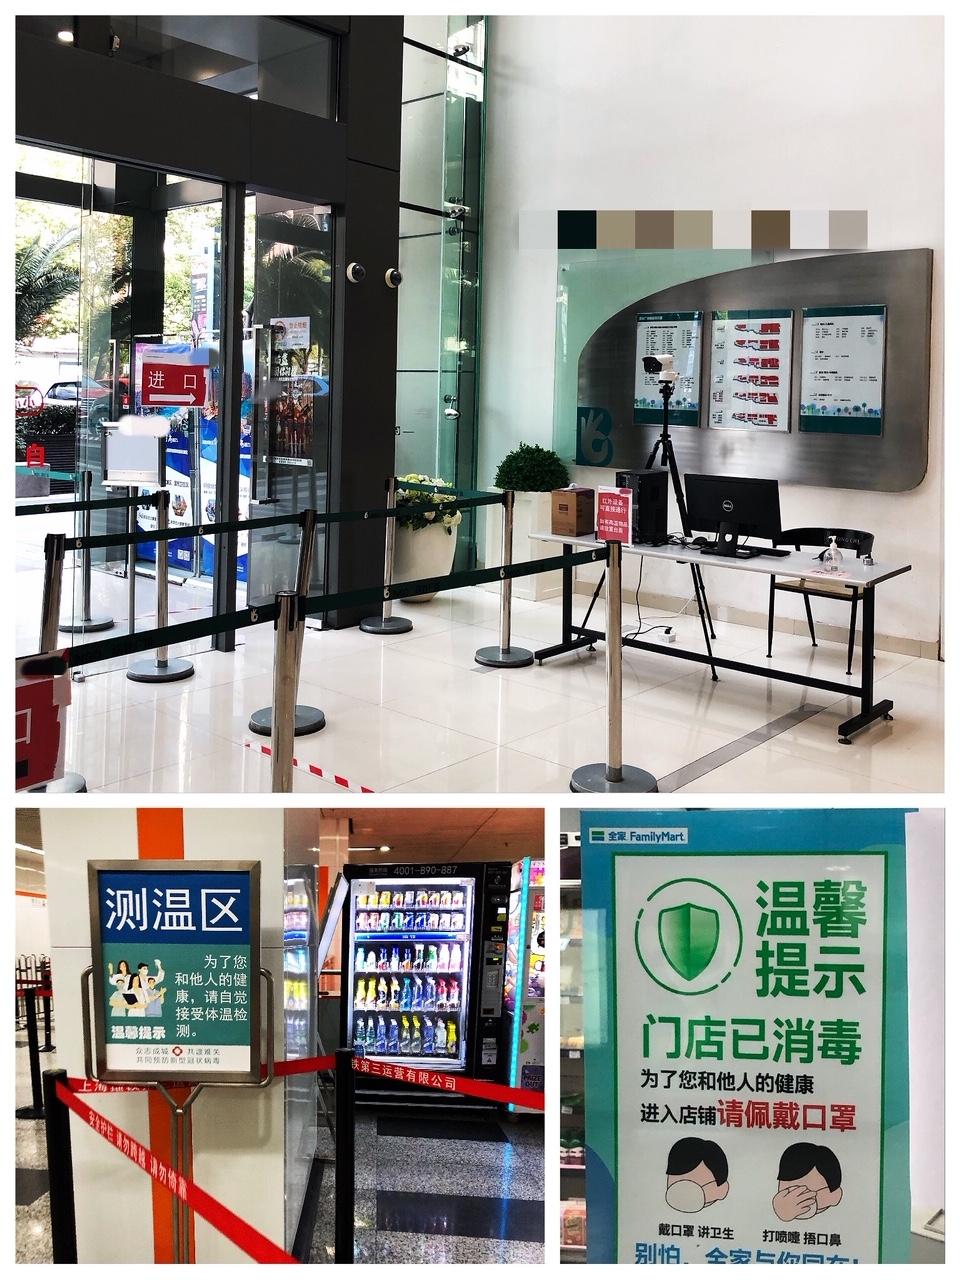 上海•ショッピングモールでも地下鉄構内でも検温実施